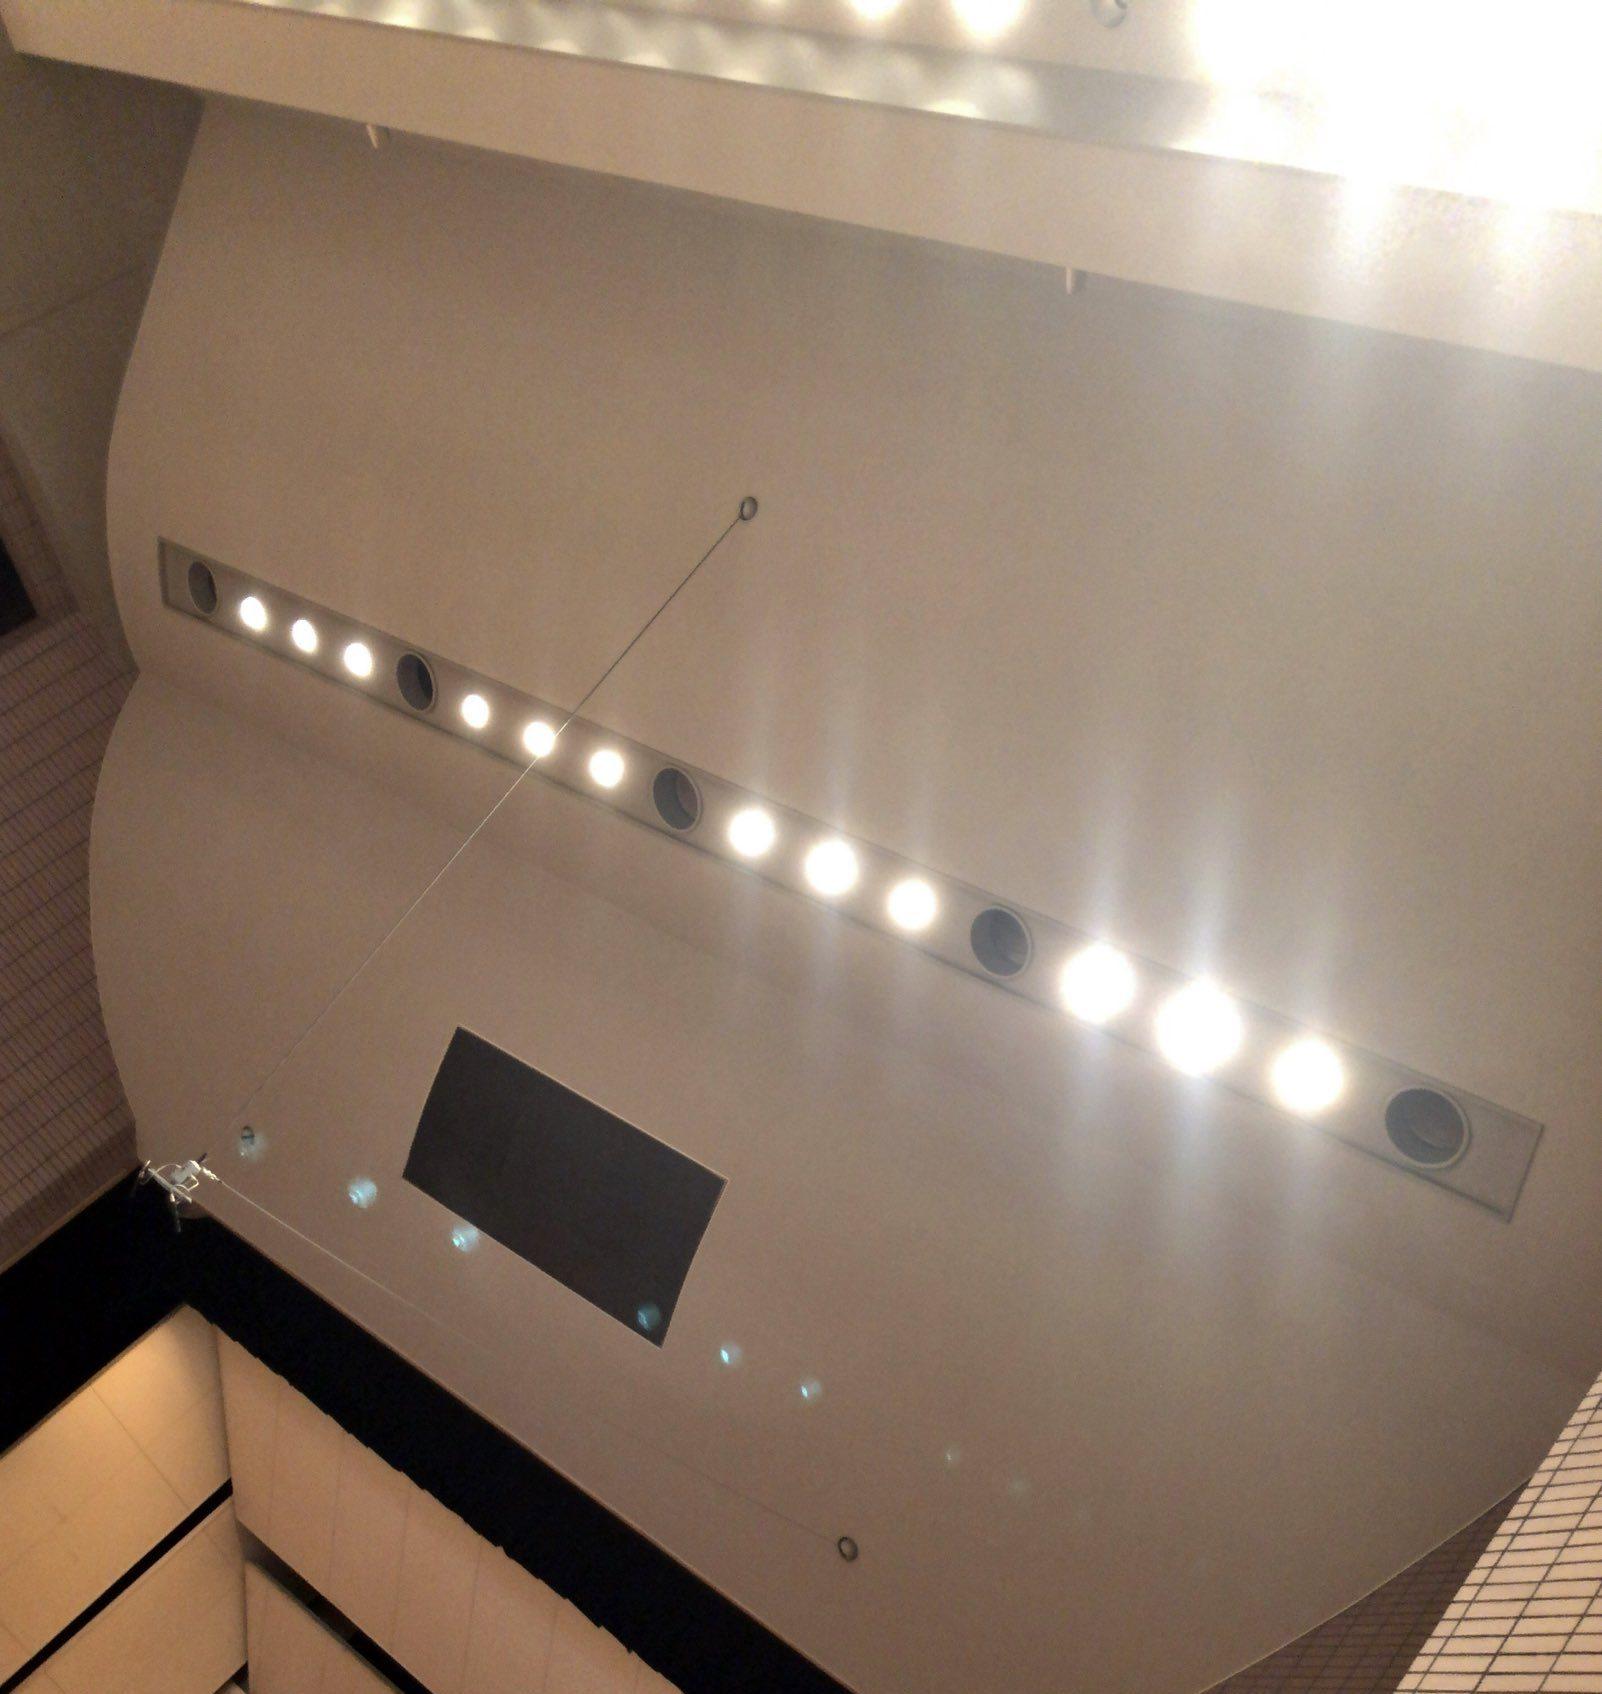 3ヶ月振りの現場(*☻-☻*)ピアノの響きに癒される。同時進行で、撮影場所を探す。